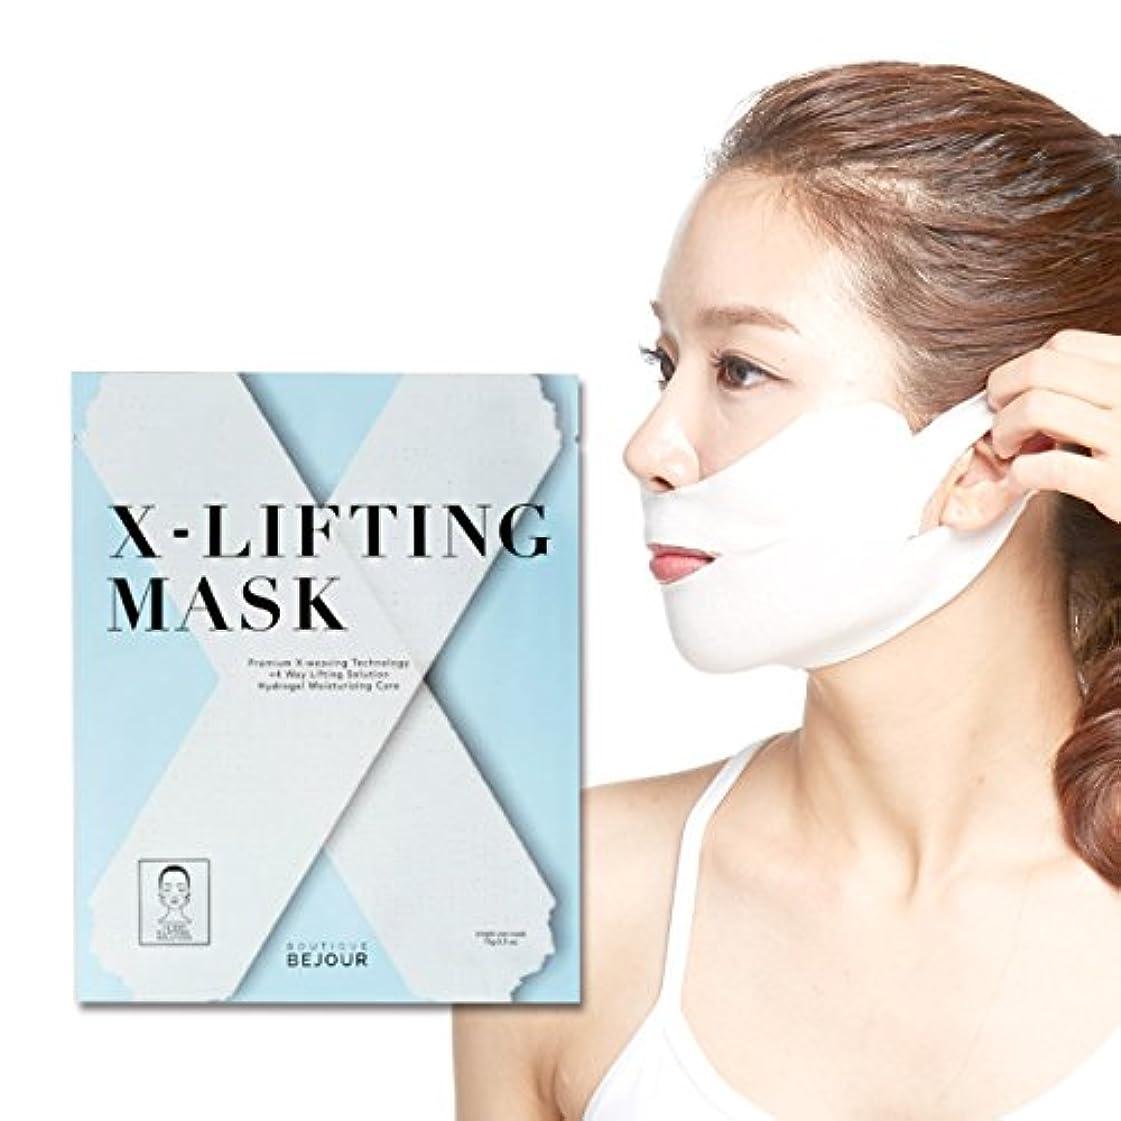 真実に舗装する微弱< ビジュール > X-Lifting (エックスリフティング) マスク [ リフトアップ フェイスマスク フェイスシート フェイスパック フェイシャルマスク シートマスク フェイシャルシート フェイシャルパック ローションマスク ローションパック 顔パック ]